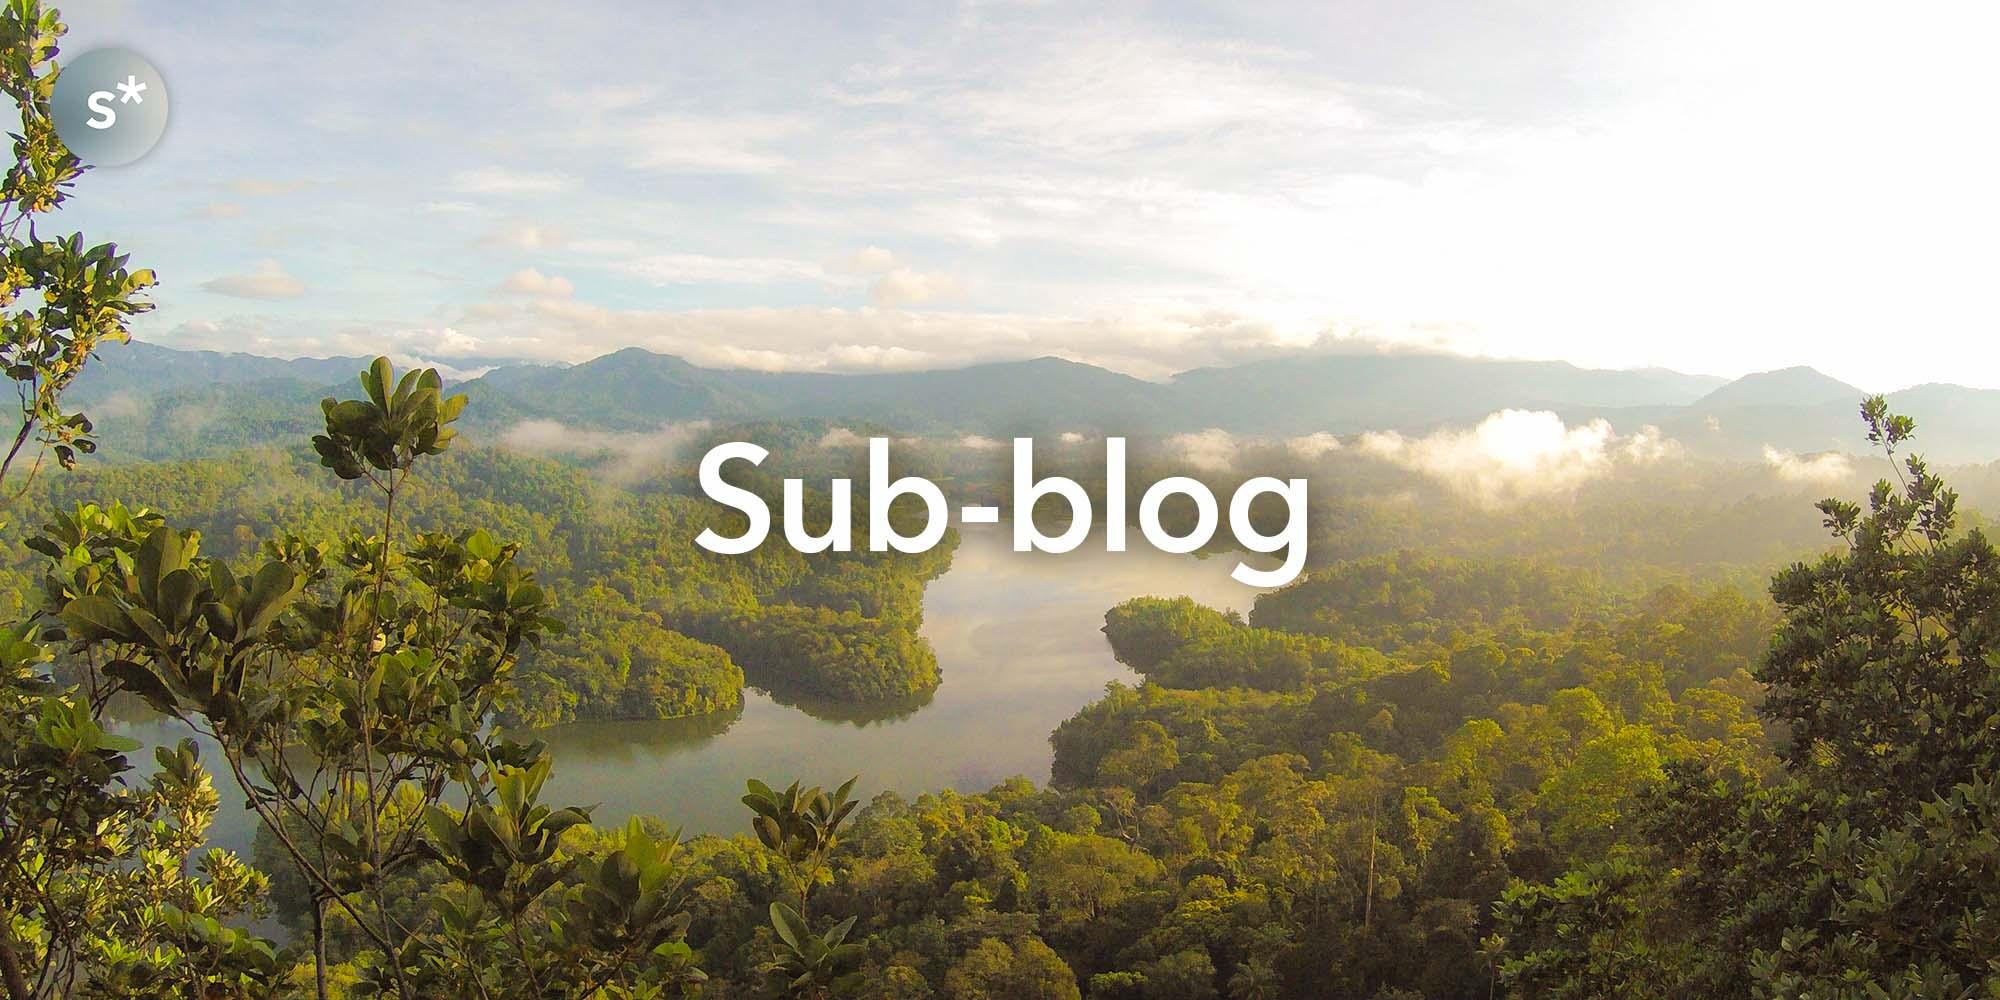 sub-blog